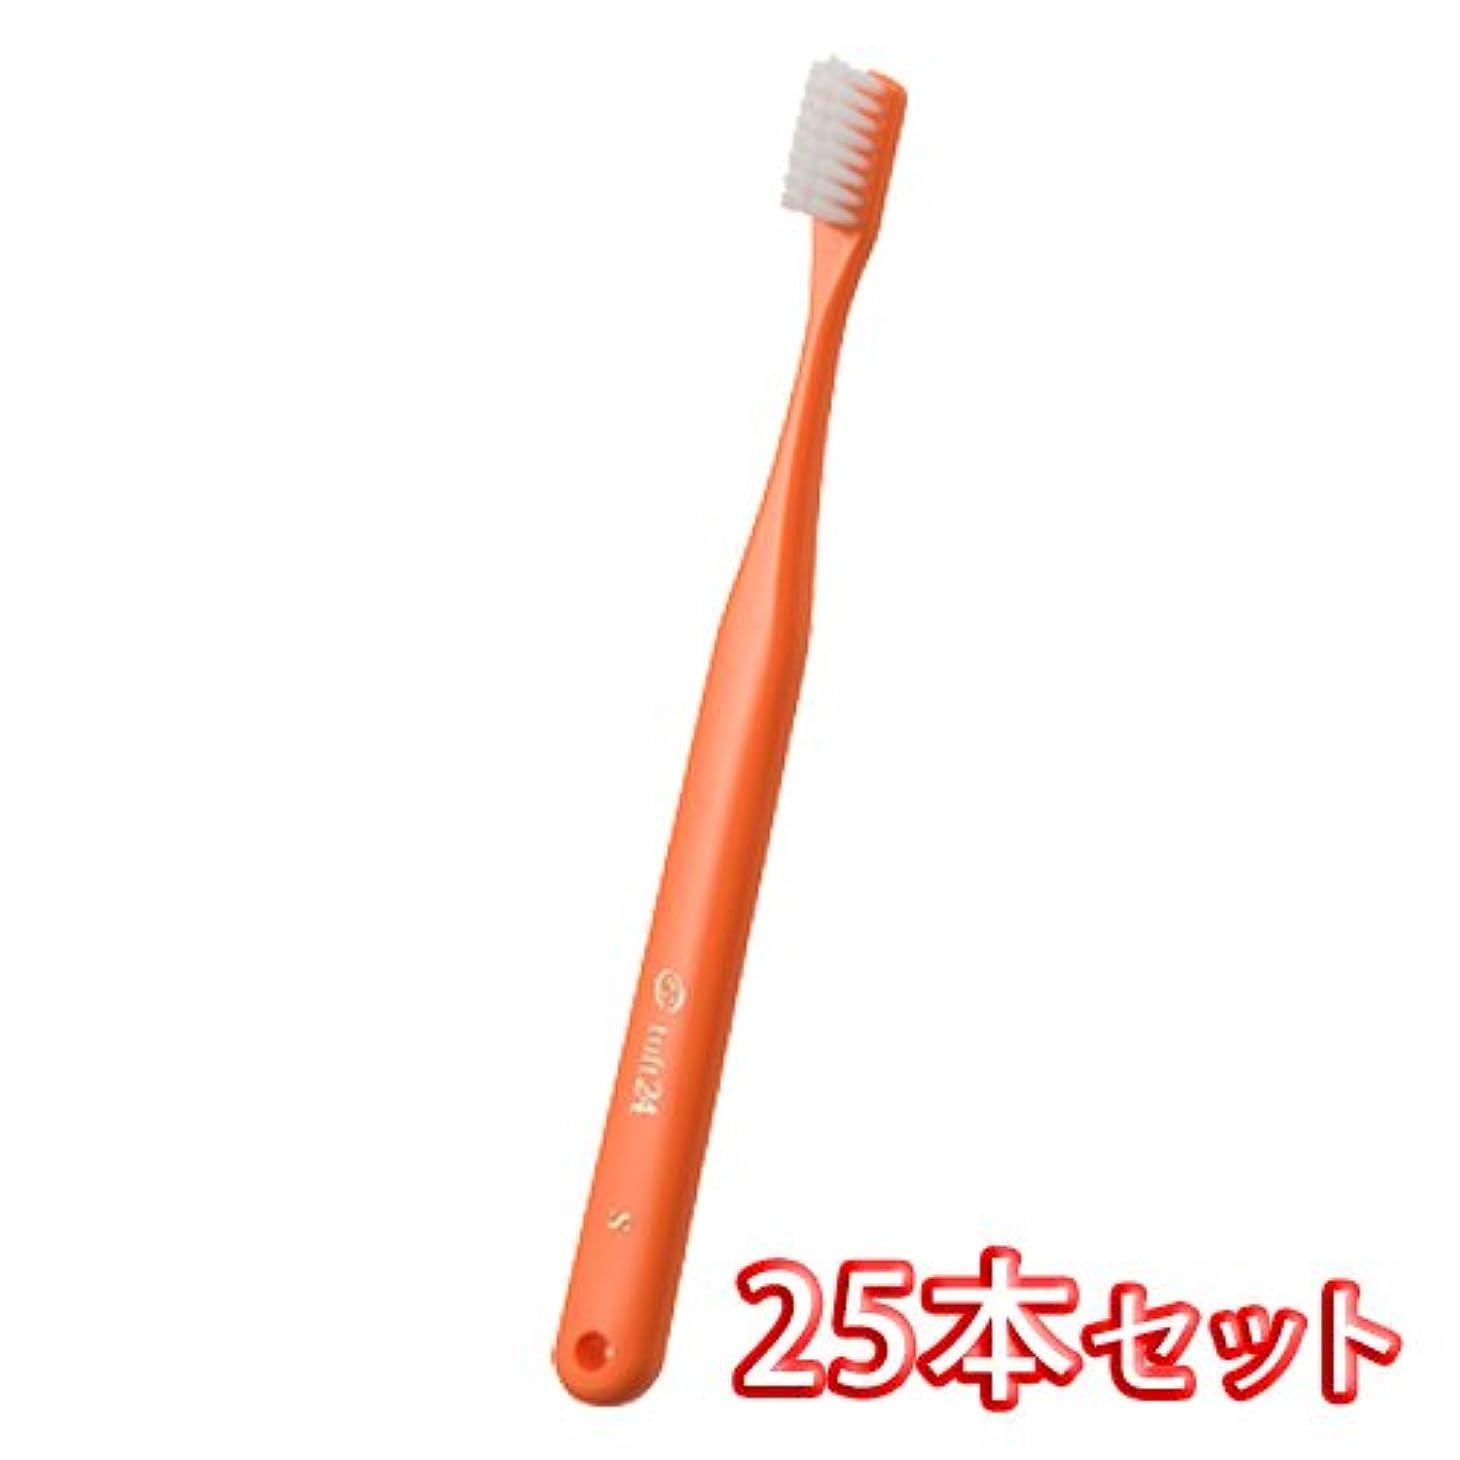 全体に液化する蜜オーラルケア キャップ付き タフト 24歯ブラシ 25本入 ミディアム M (オレンジ)